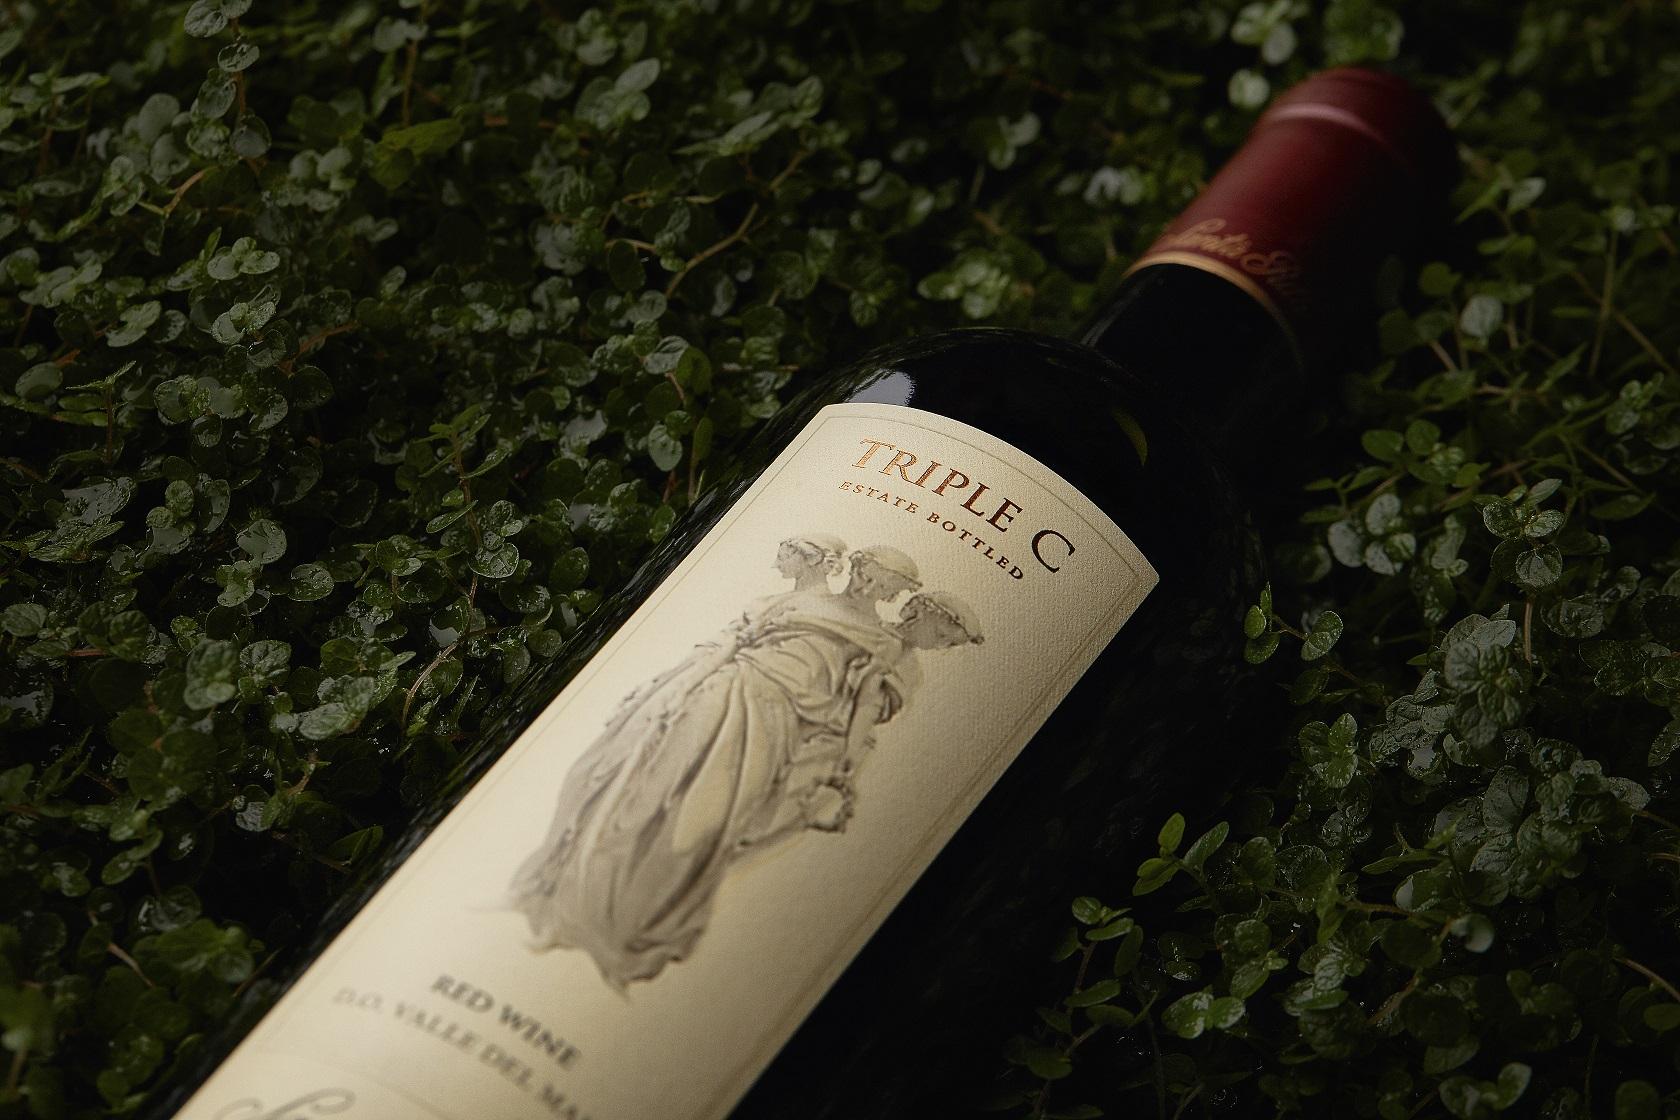 Triple C fue premiado en Wine Enthusiast.